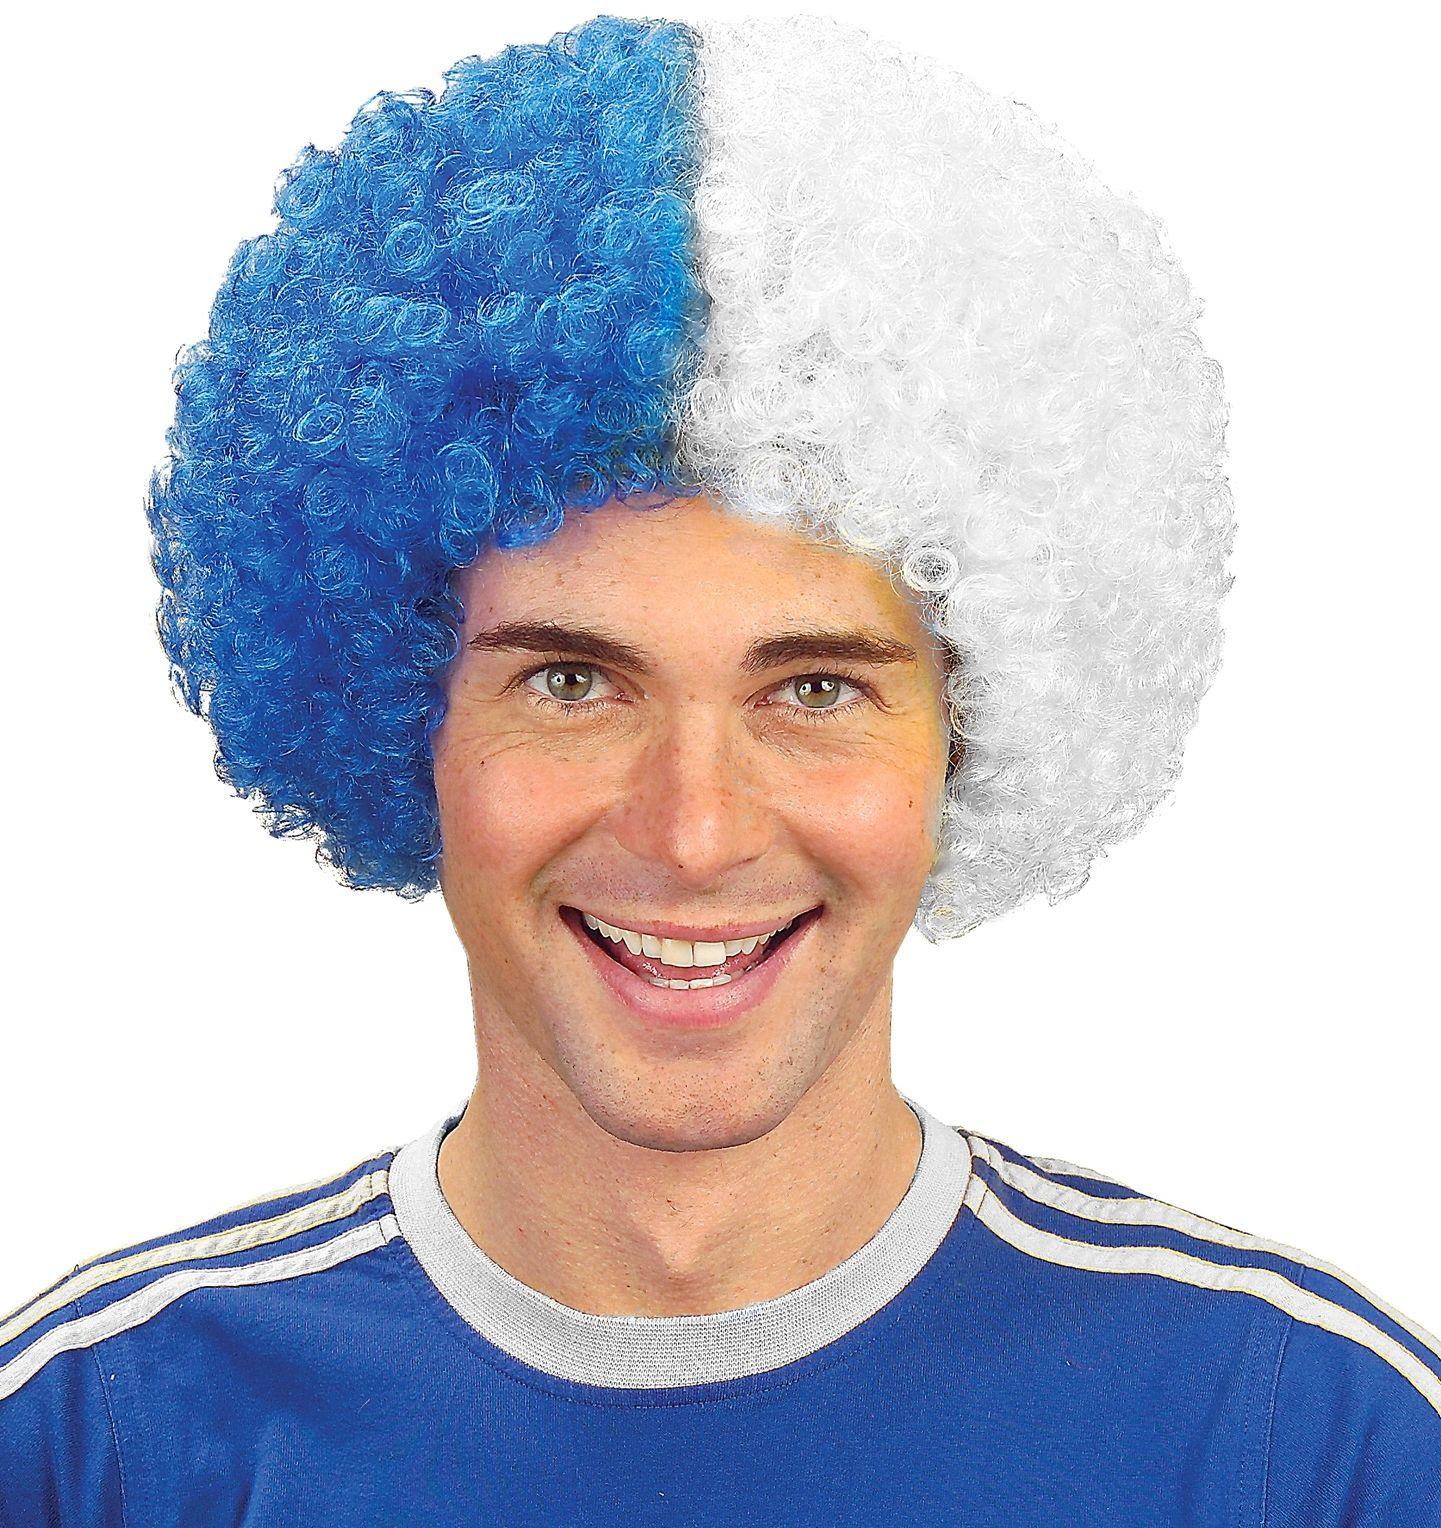 Frankrijk supporters pruik